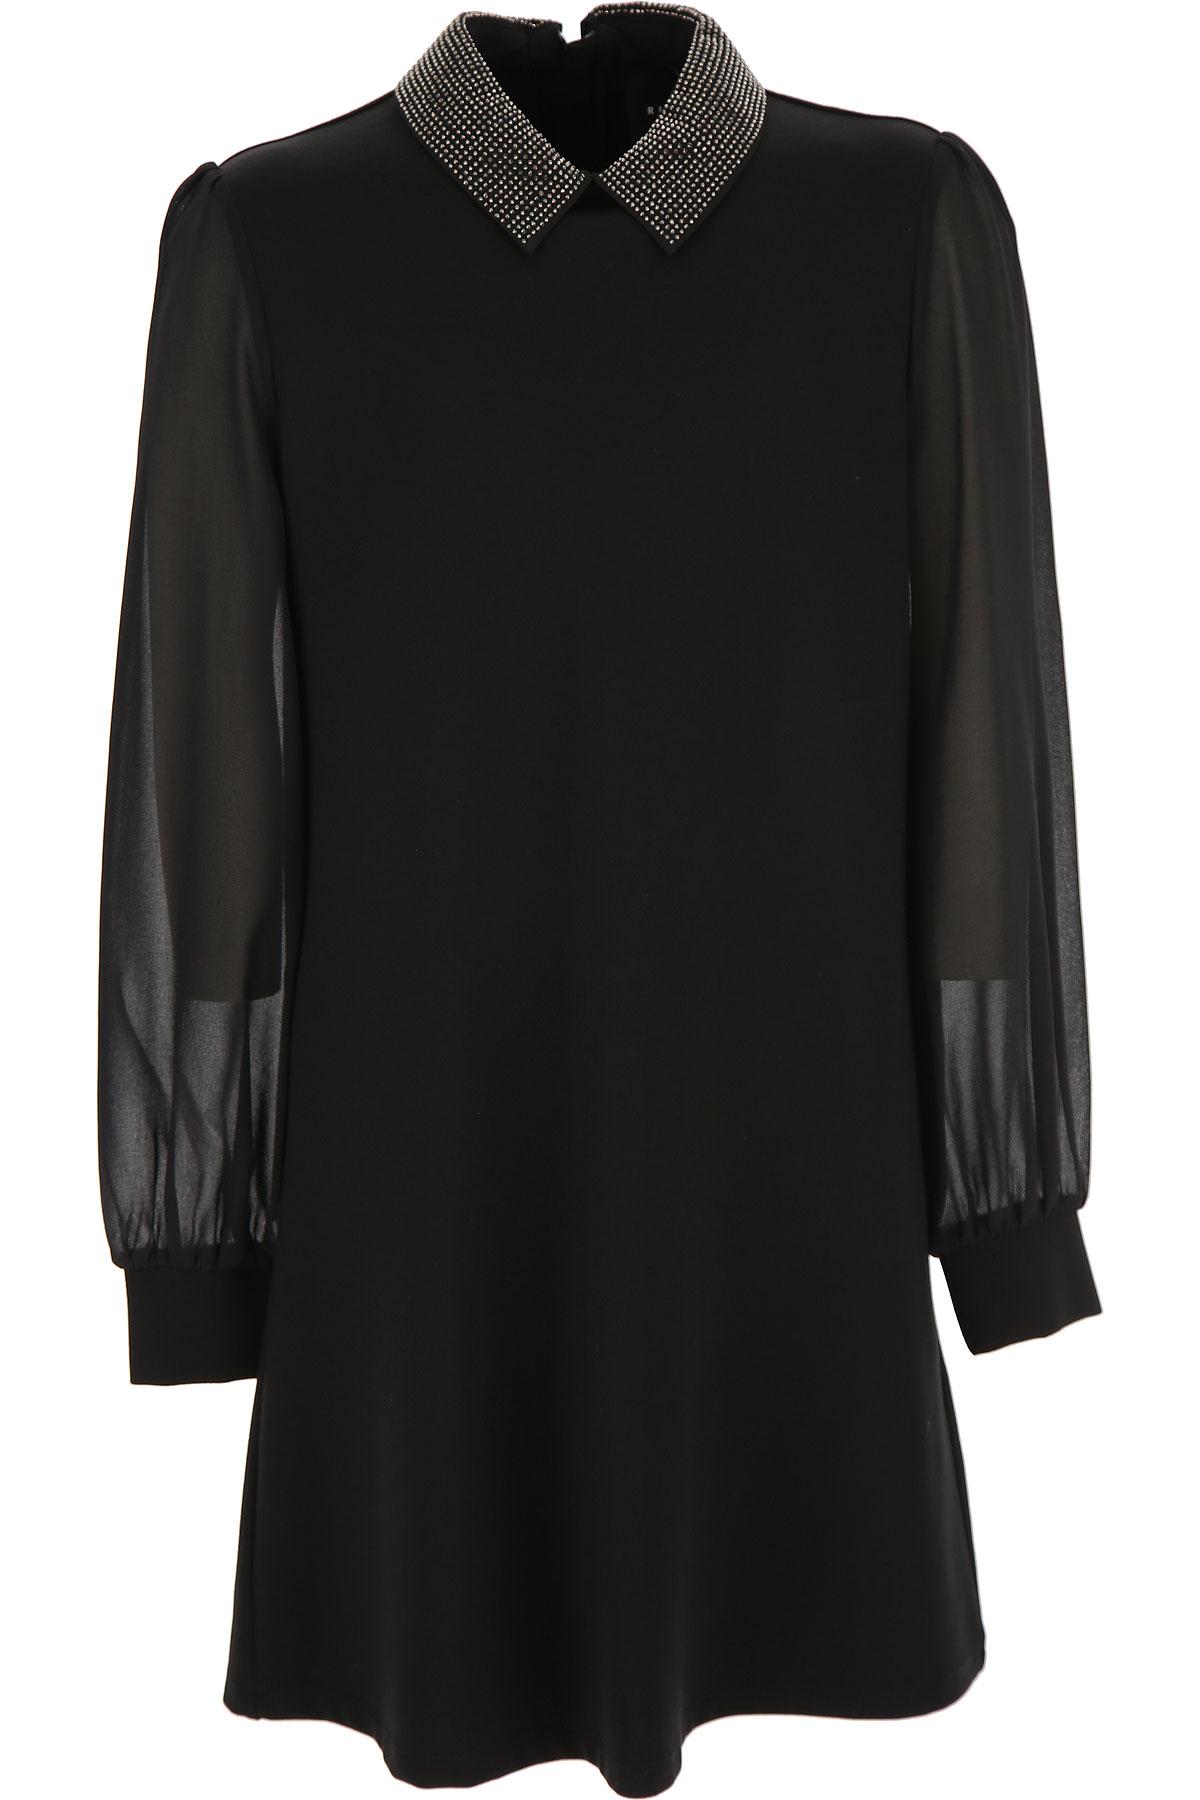 John Richmond Girls Dress On Sale, Black, Viscose, 2019, 10Y 12Y 14Y 16Y 8Y